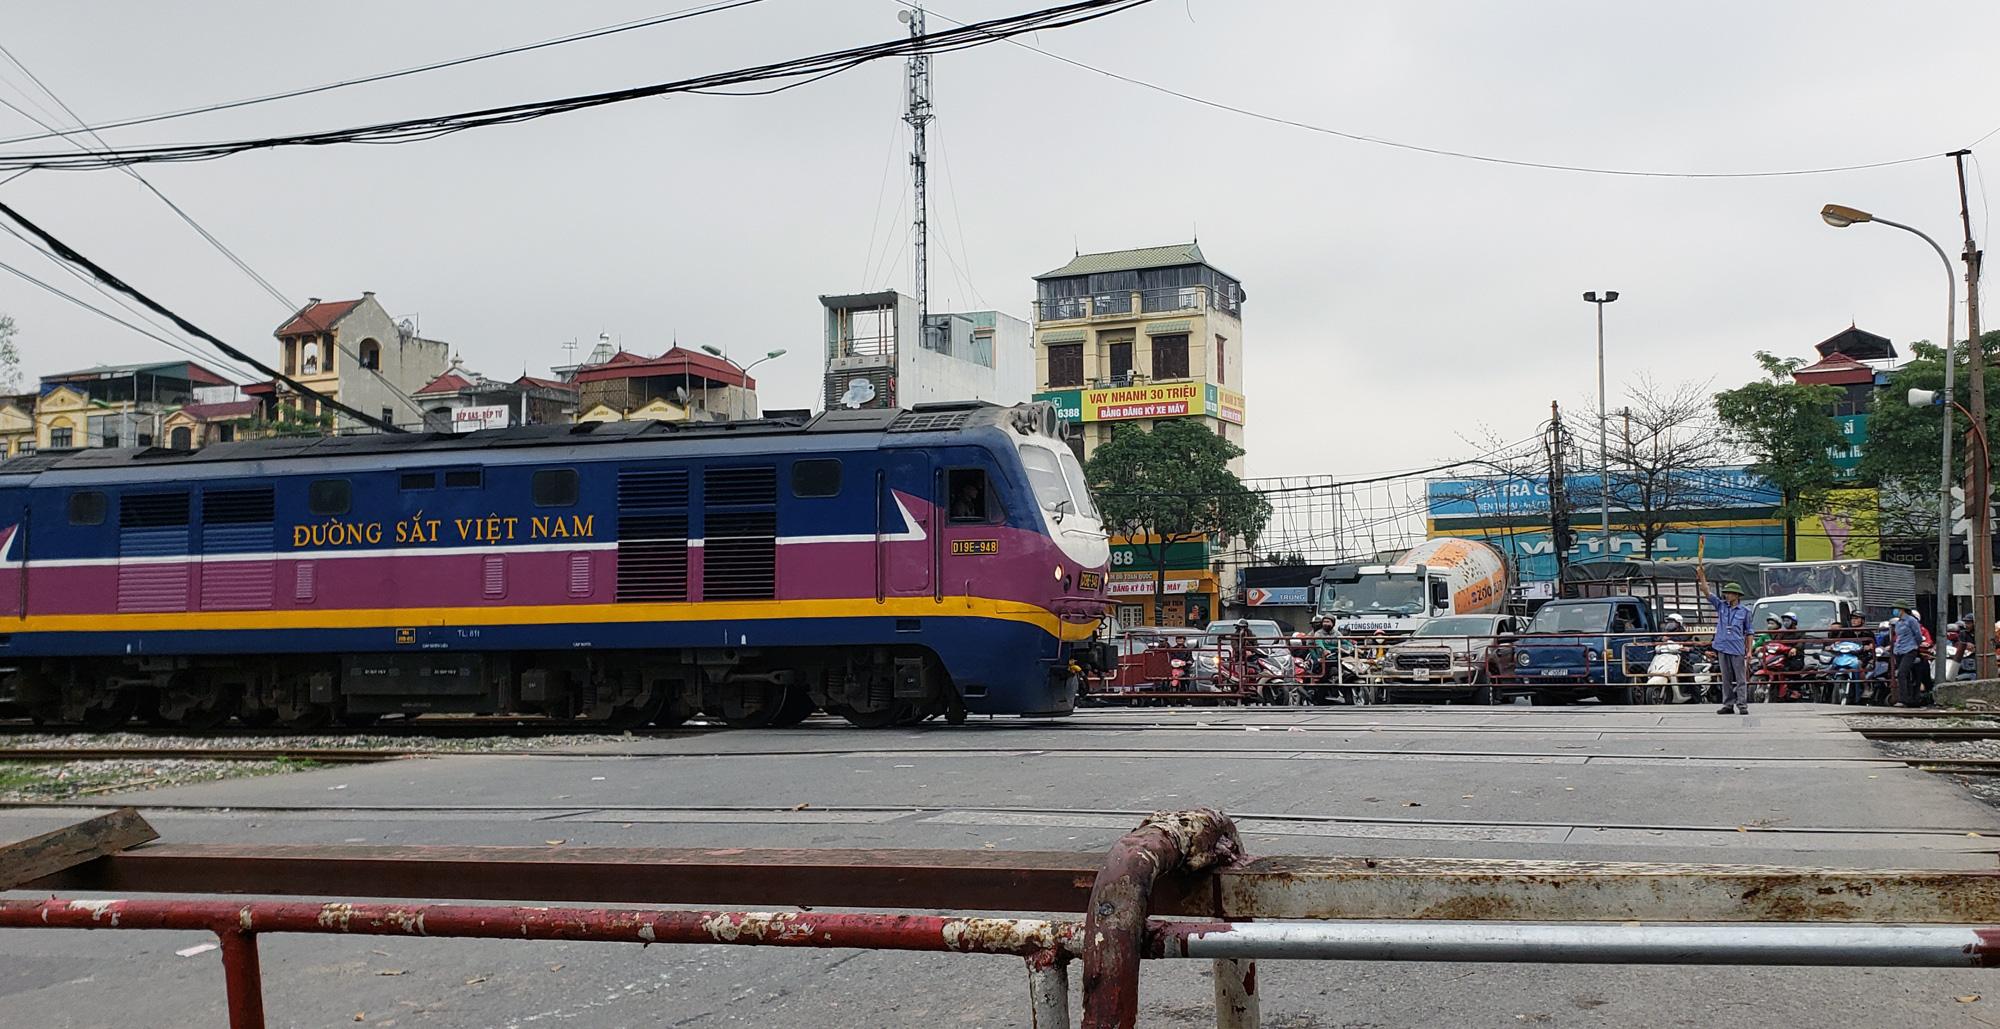 Bộ GTVT lên tiếng việc đầu tư mới đường sắt Hà Nội - Lào Cai - Ảnh 1.